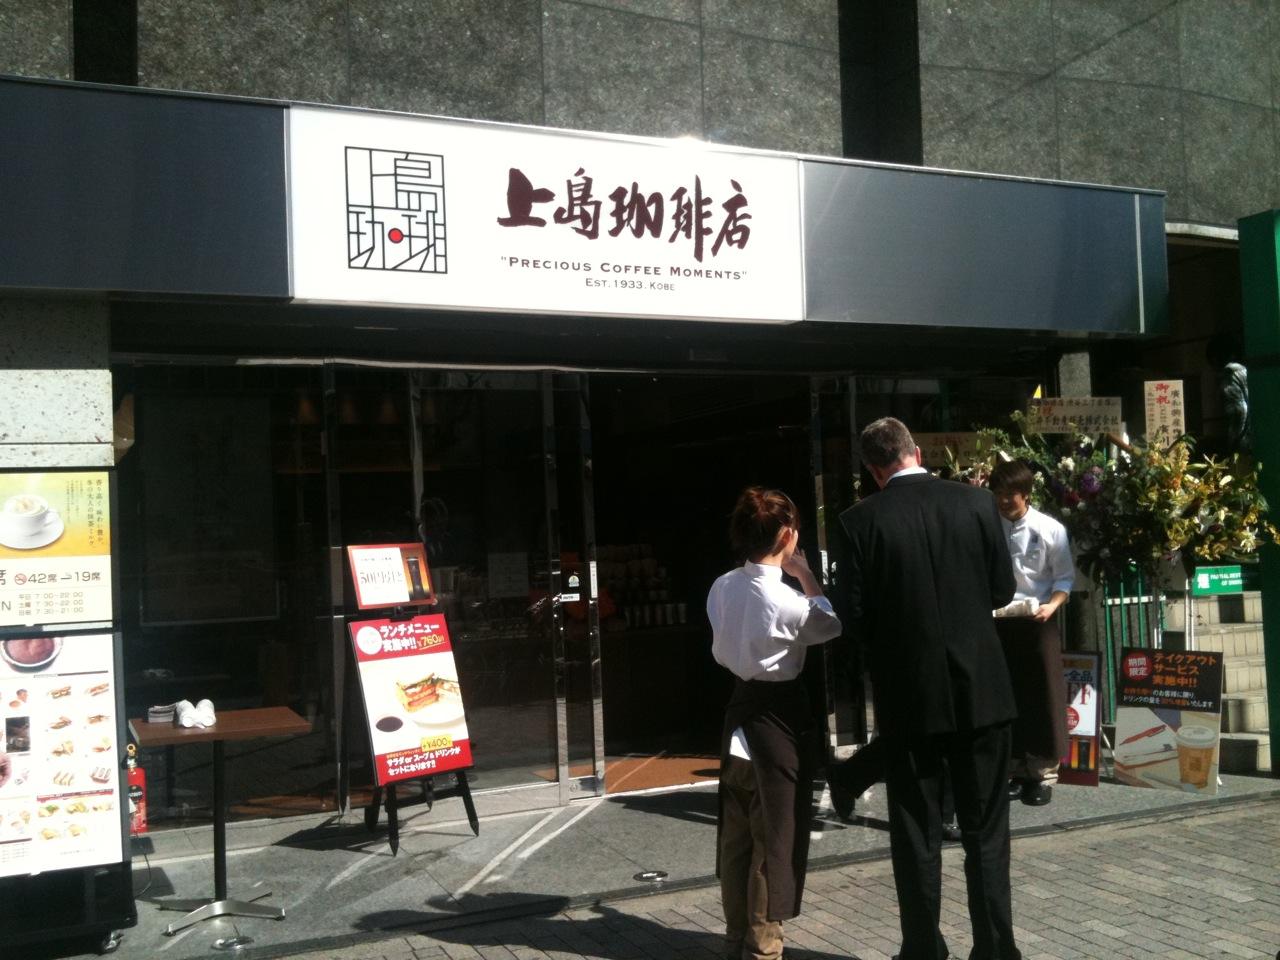 上島珈琲店 渋谷3丁目店